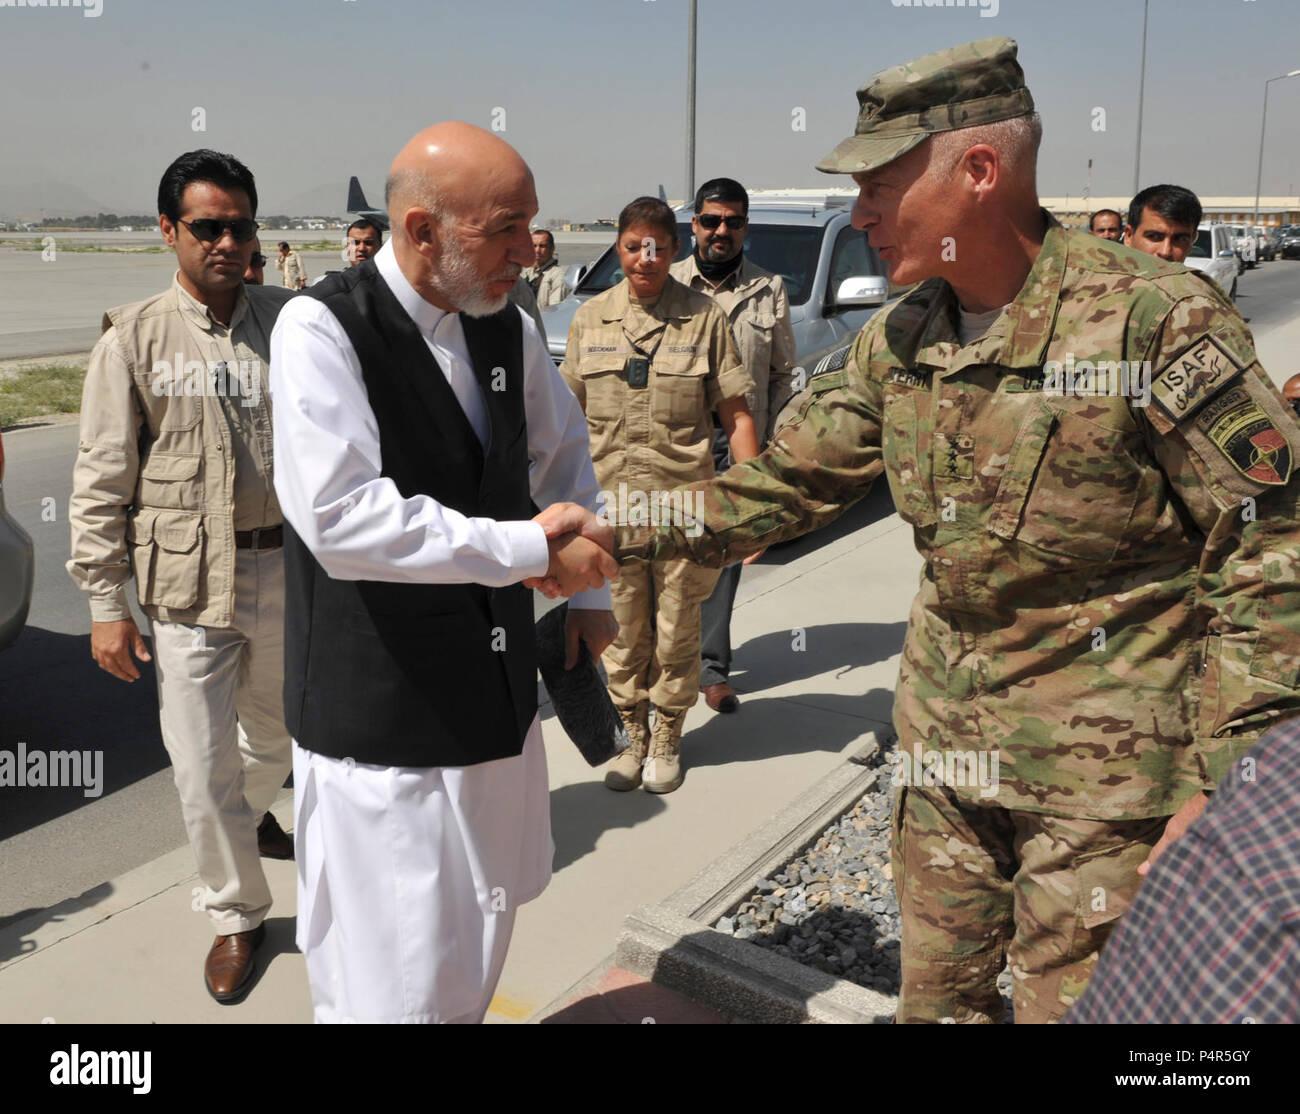 El Teniente General del Ejército estadounidense James L. Terry, derecha, el comandante de la Fuerza Internacional de Asistencia para la Seguridad del Comando Conjunto, saluda al Presidente afgano Hamid Karzai en la línea de vuelo en el aeropuerto internacional de Kabul en la provincia de Kabul, Afganistán, el 21 de agosto de 2012. Foto de stock